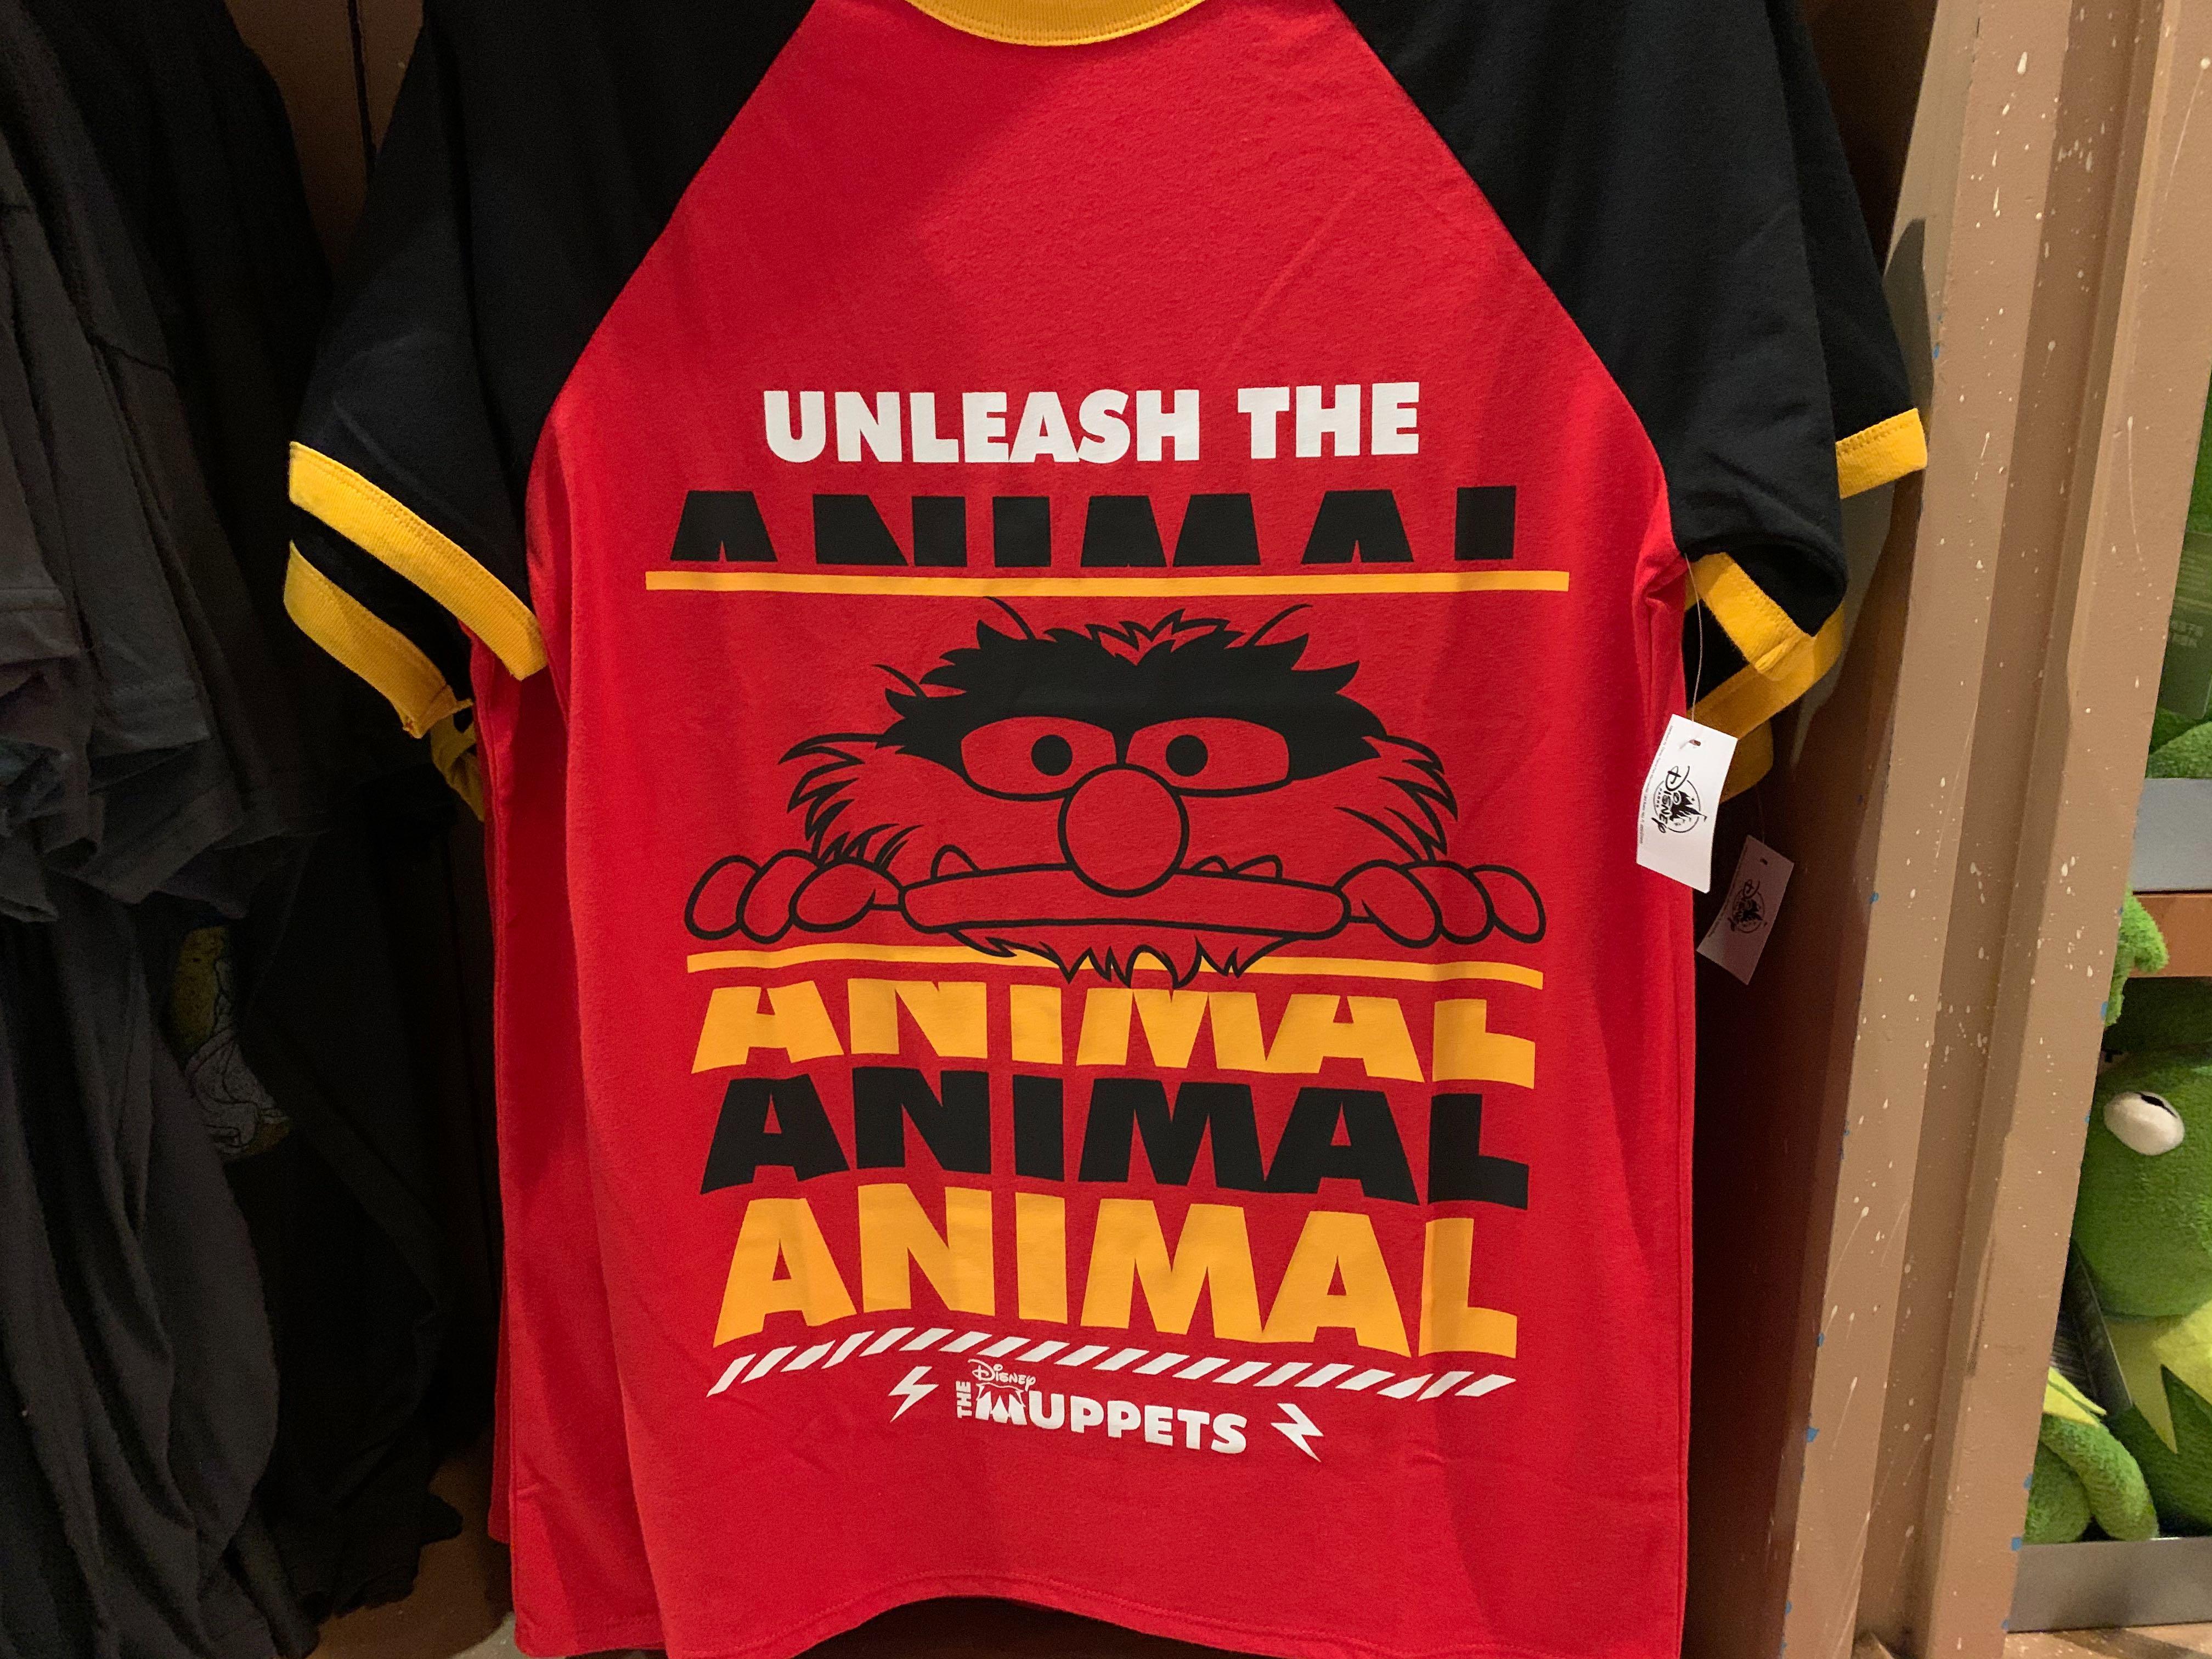 muppets-animal-t-shirt-tshirt-tee-shirt-02-02-2020-3.jpg